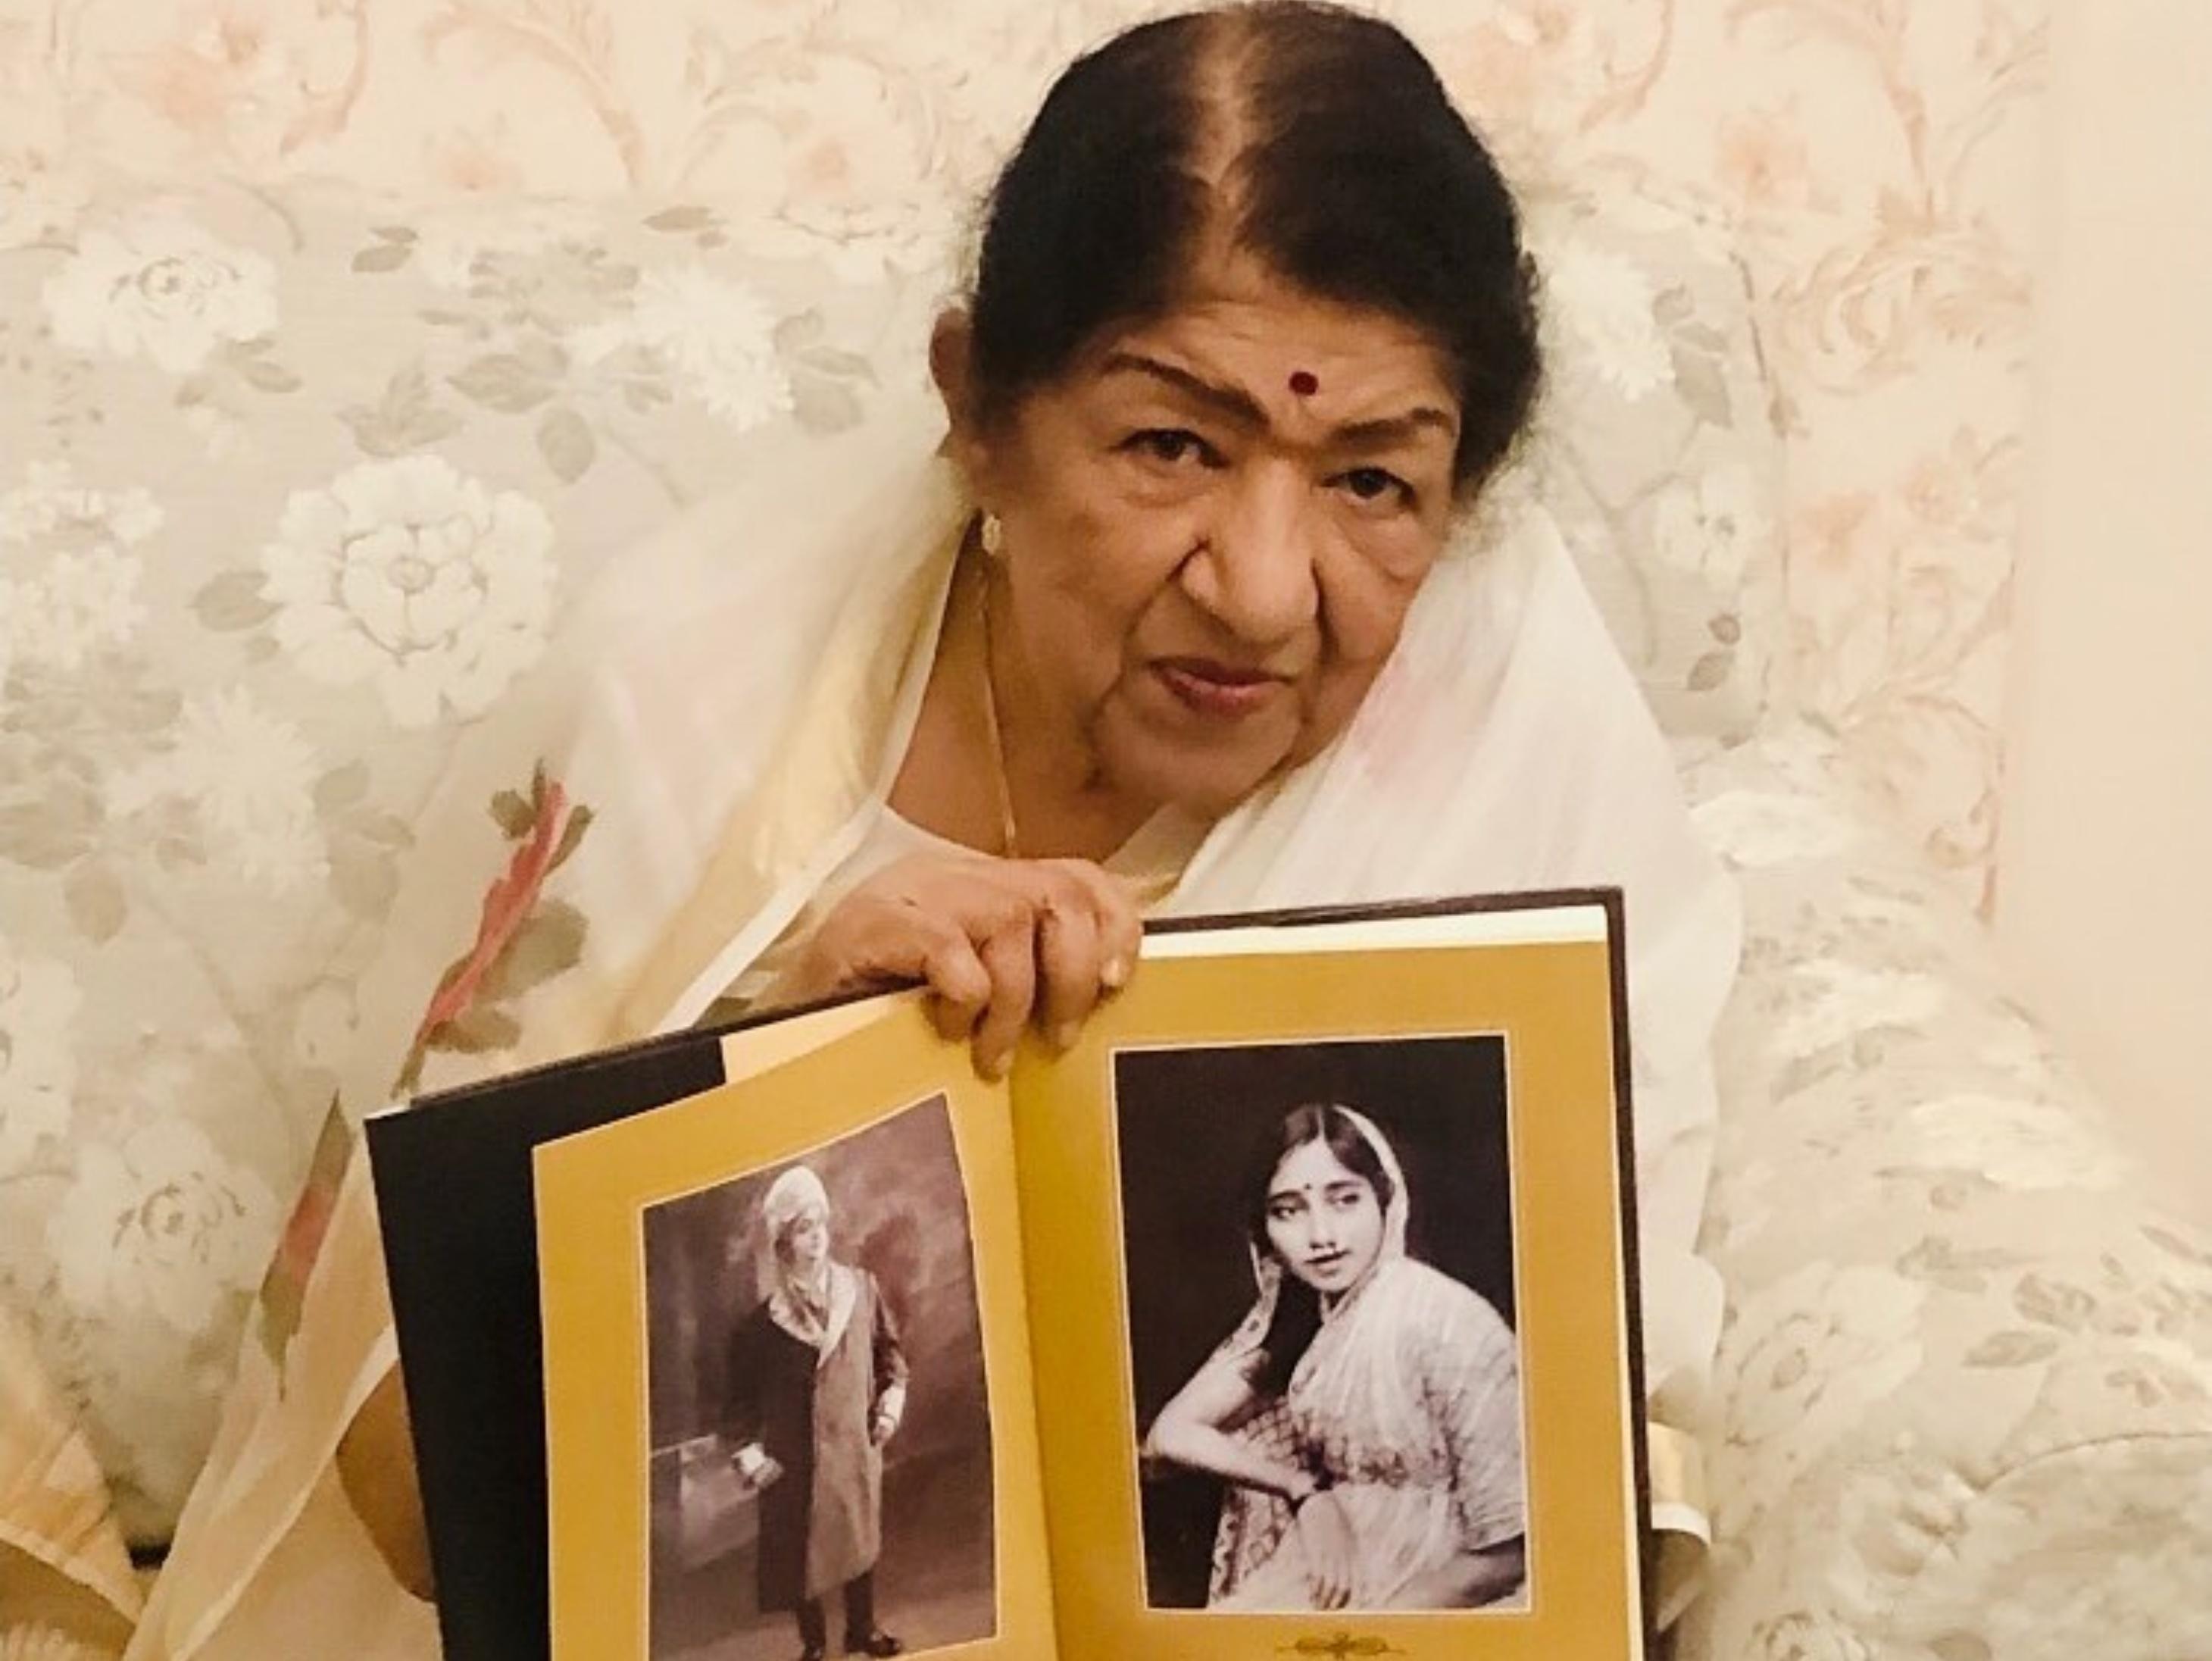 गुड़ी पड़वा पर लॉन्च हुआ लता मंगेशकर का एलबम भावार्थ माउली, बोलीं- मैं मरते दम तक गाने की कोशिश करूंगी|बॉलीवुड,Bollywood - Dainik Bhaskar